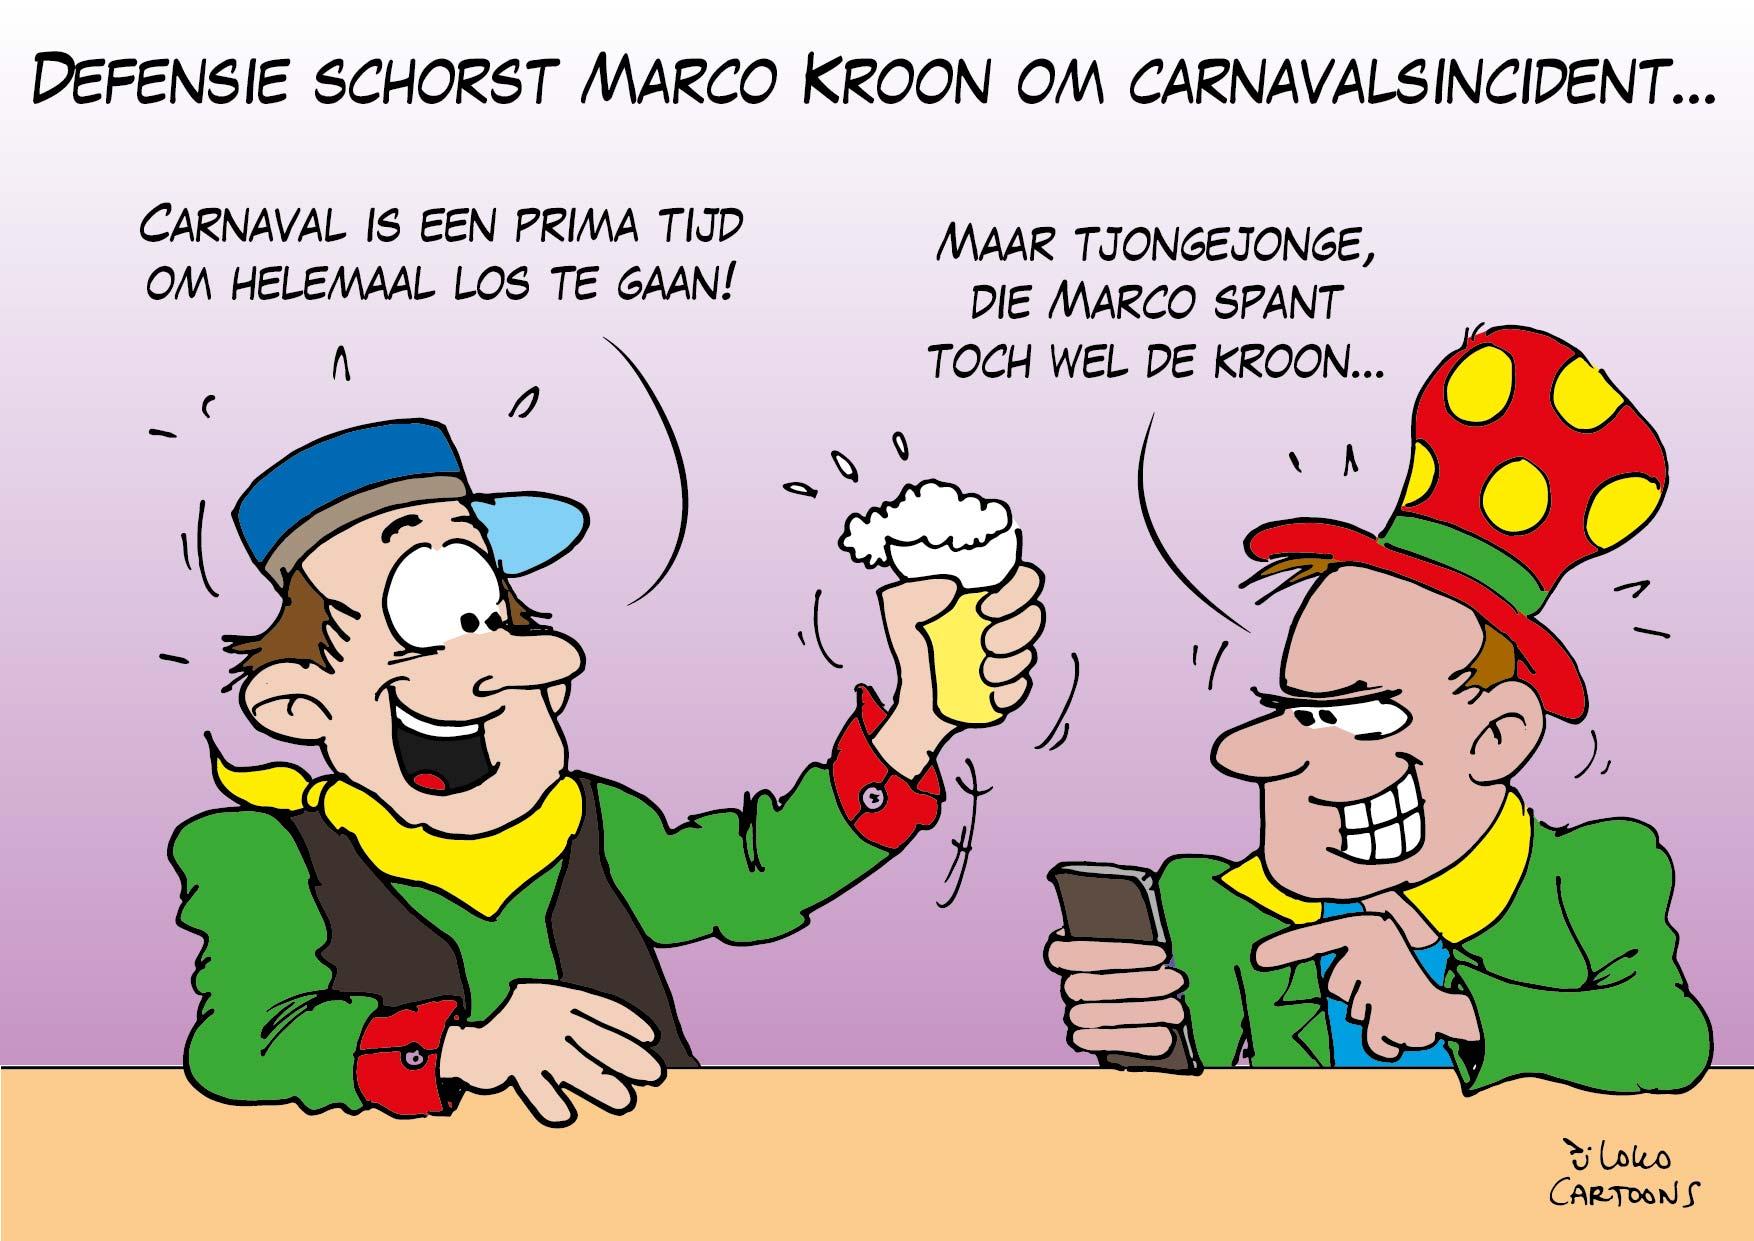 Defensie schorst Marco Kroon om carnavalsincident…